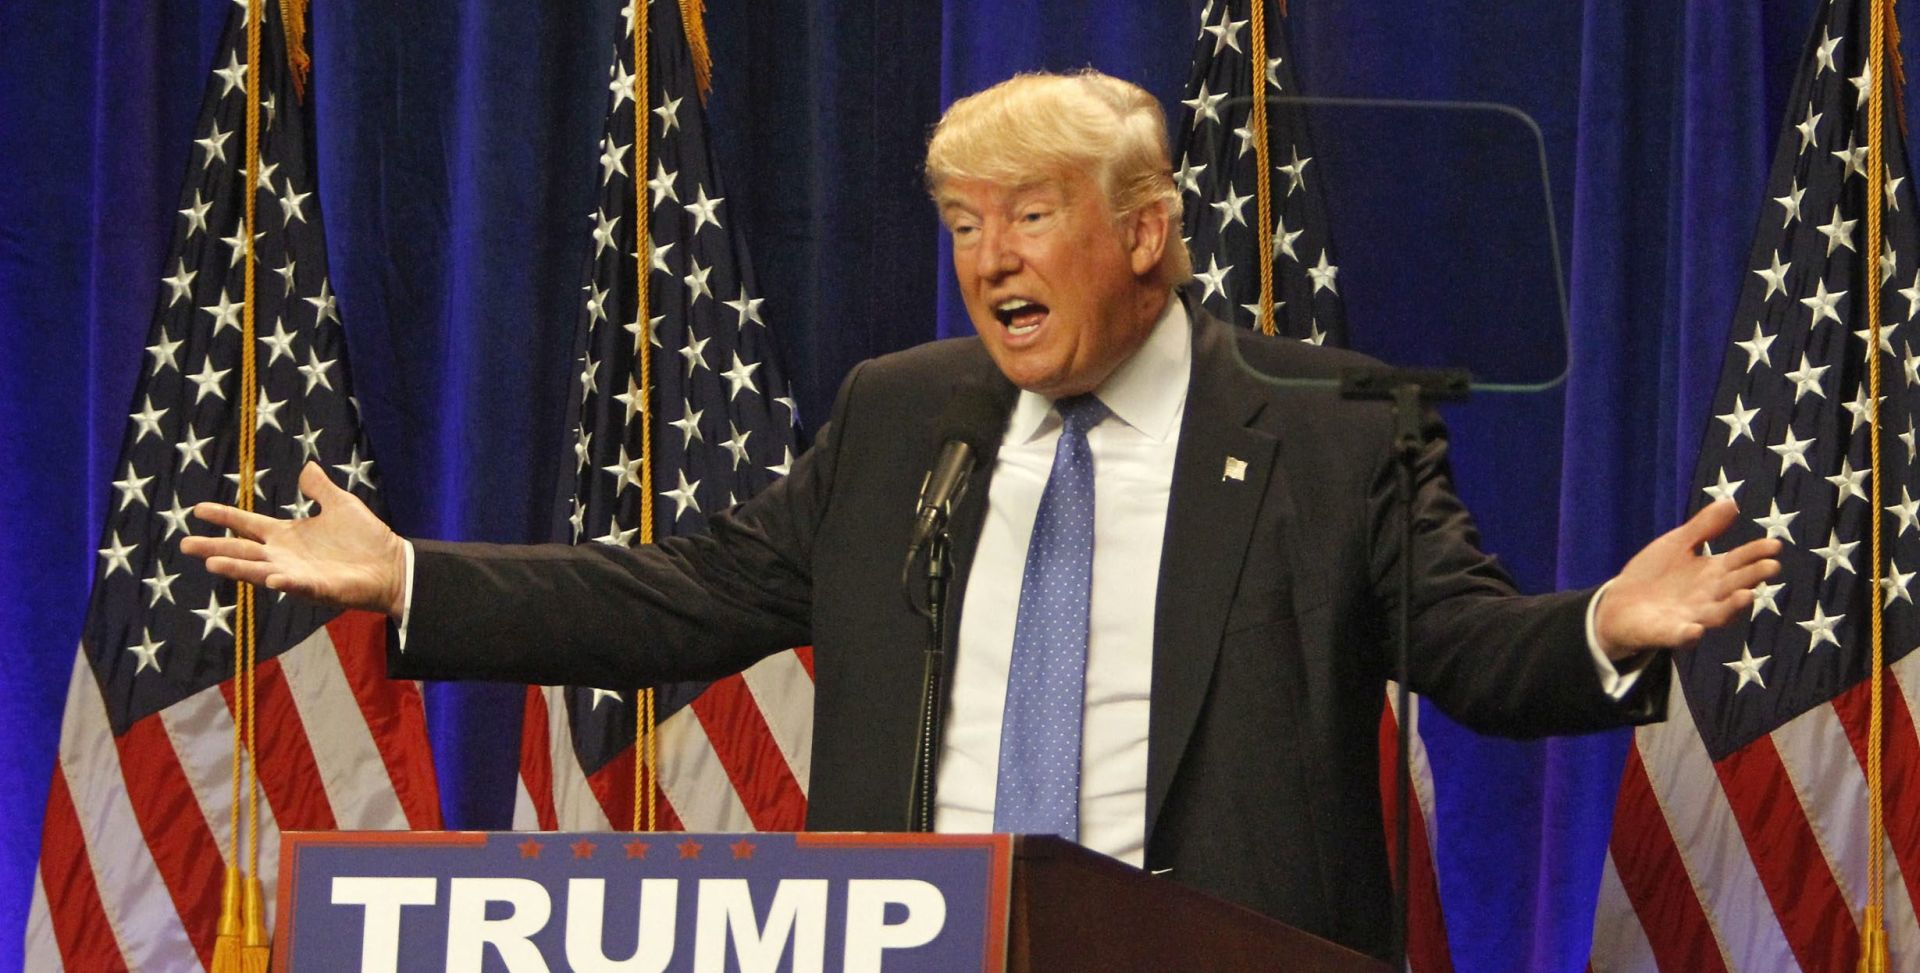 PREDSJEDNIČKI IZBORI: Podjela u republikanskim redovima zbog Trumpa